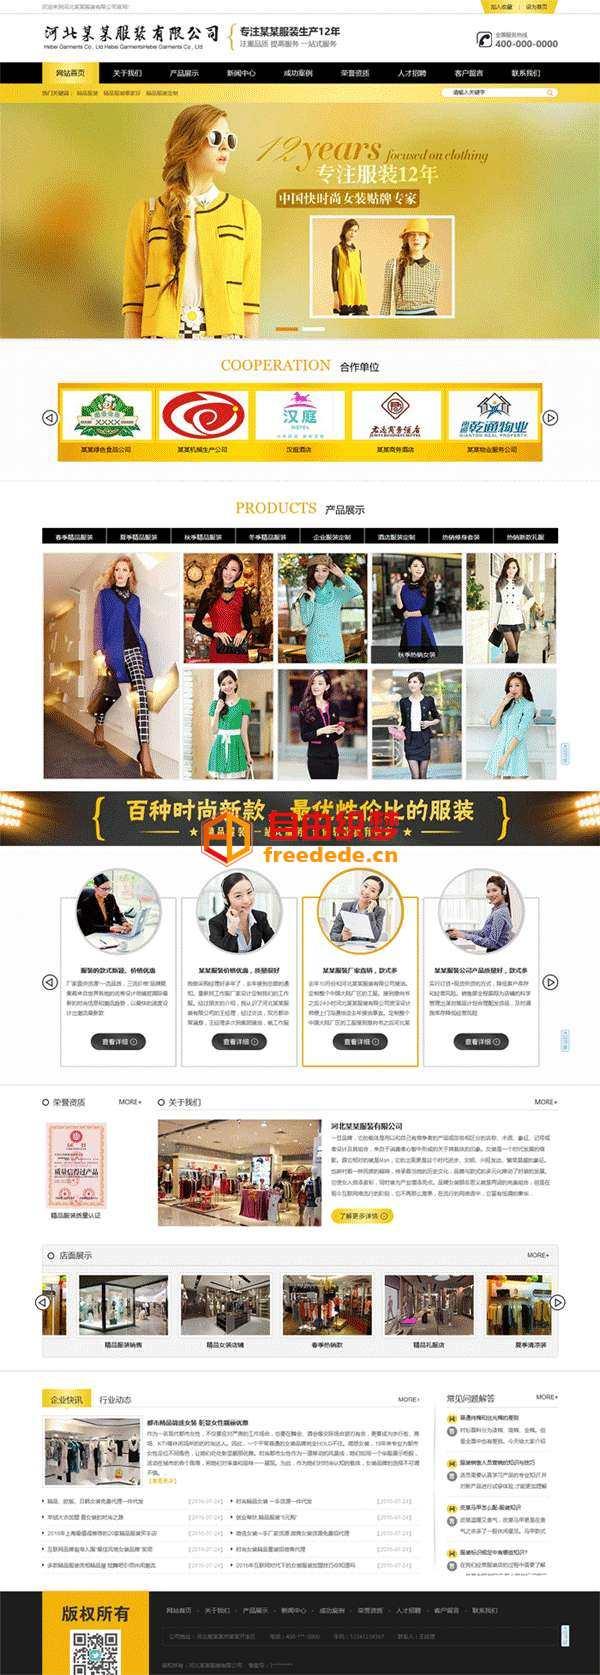 爱上源码网文章黄色的服装行业公司通用网站模板html下载的内容插图